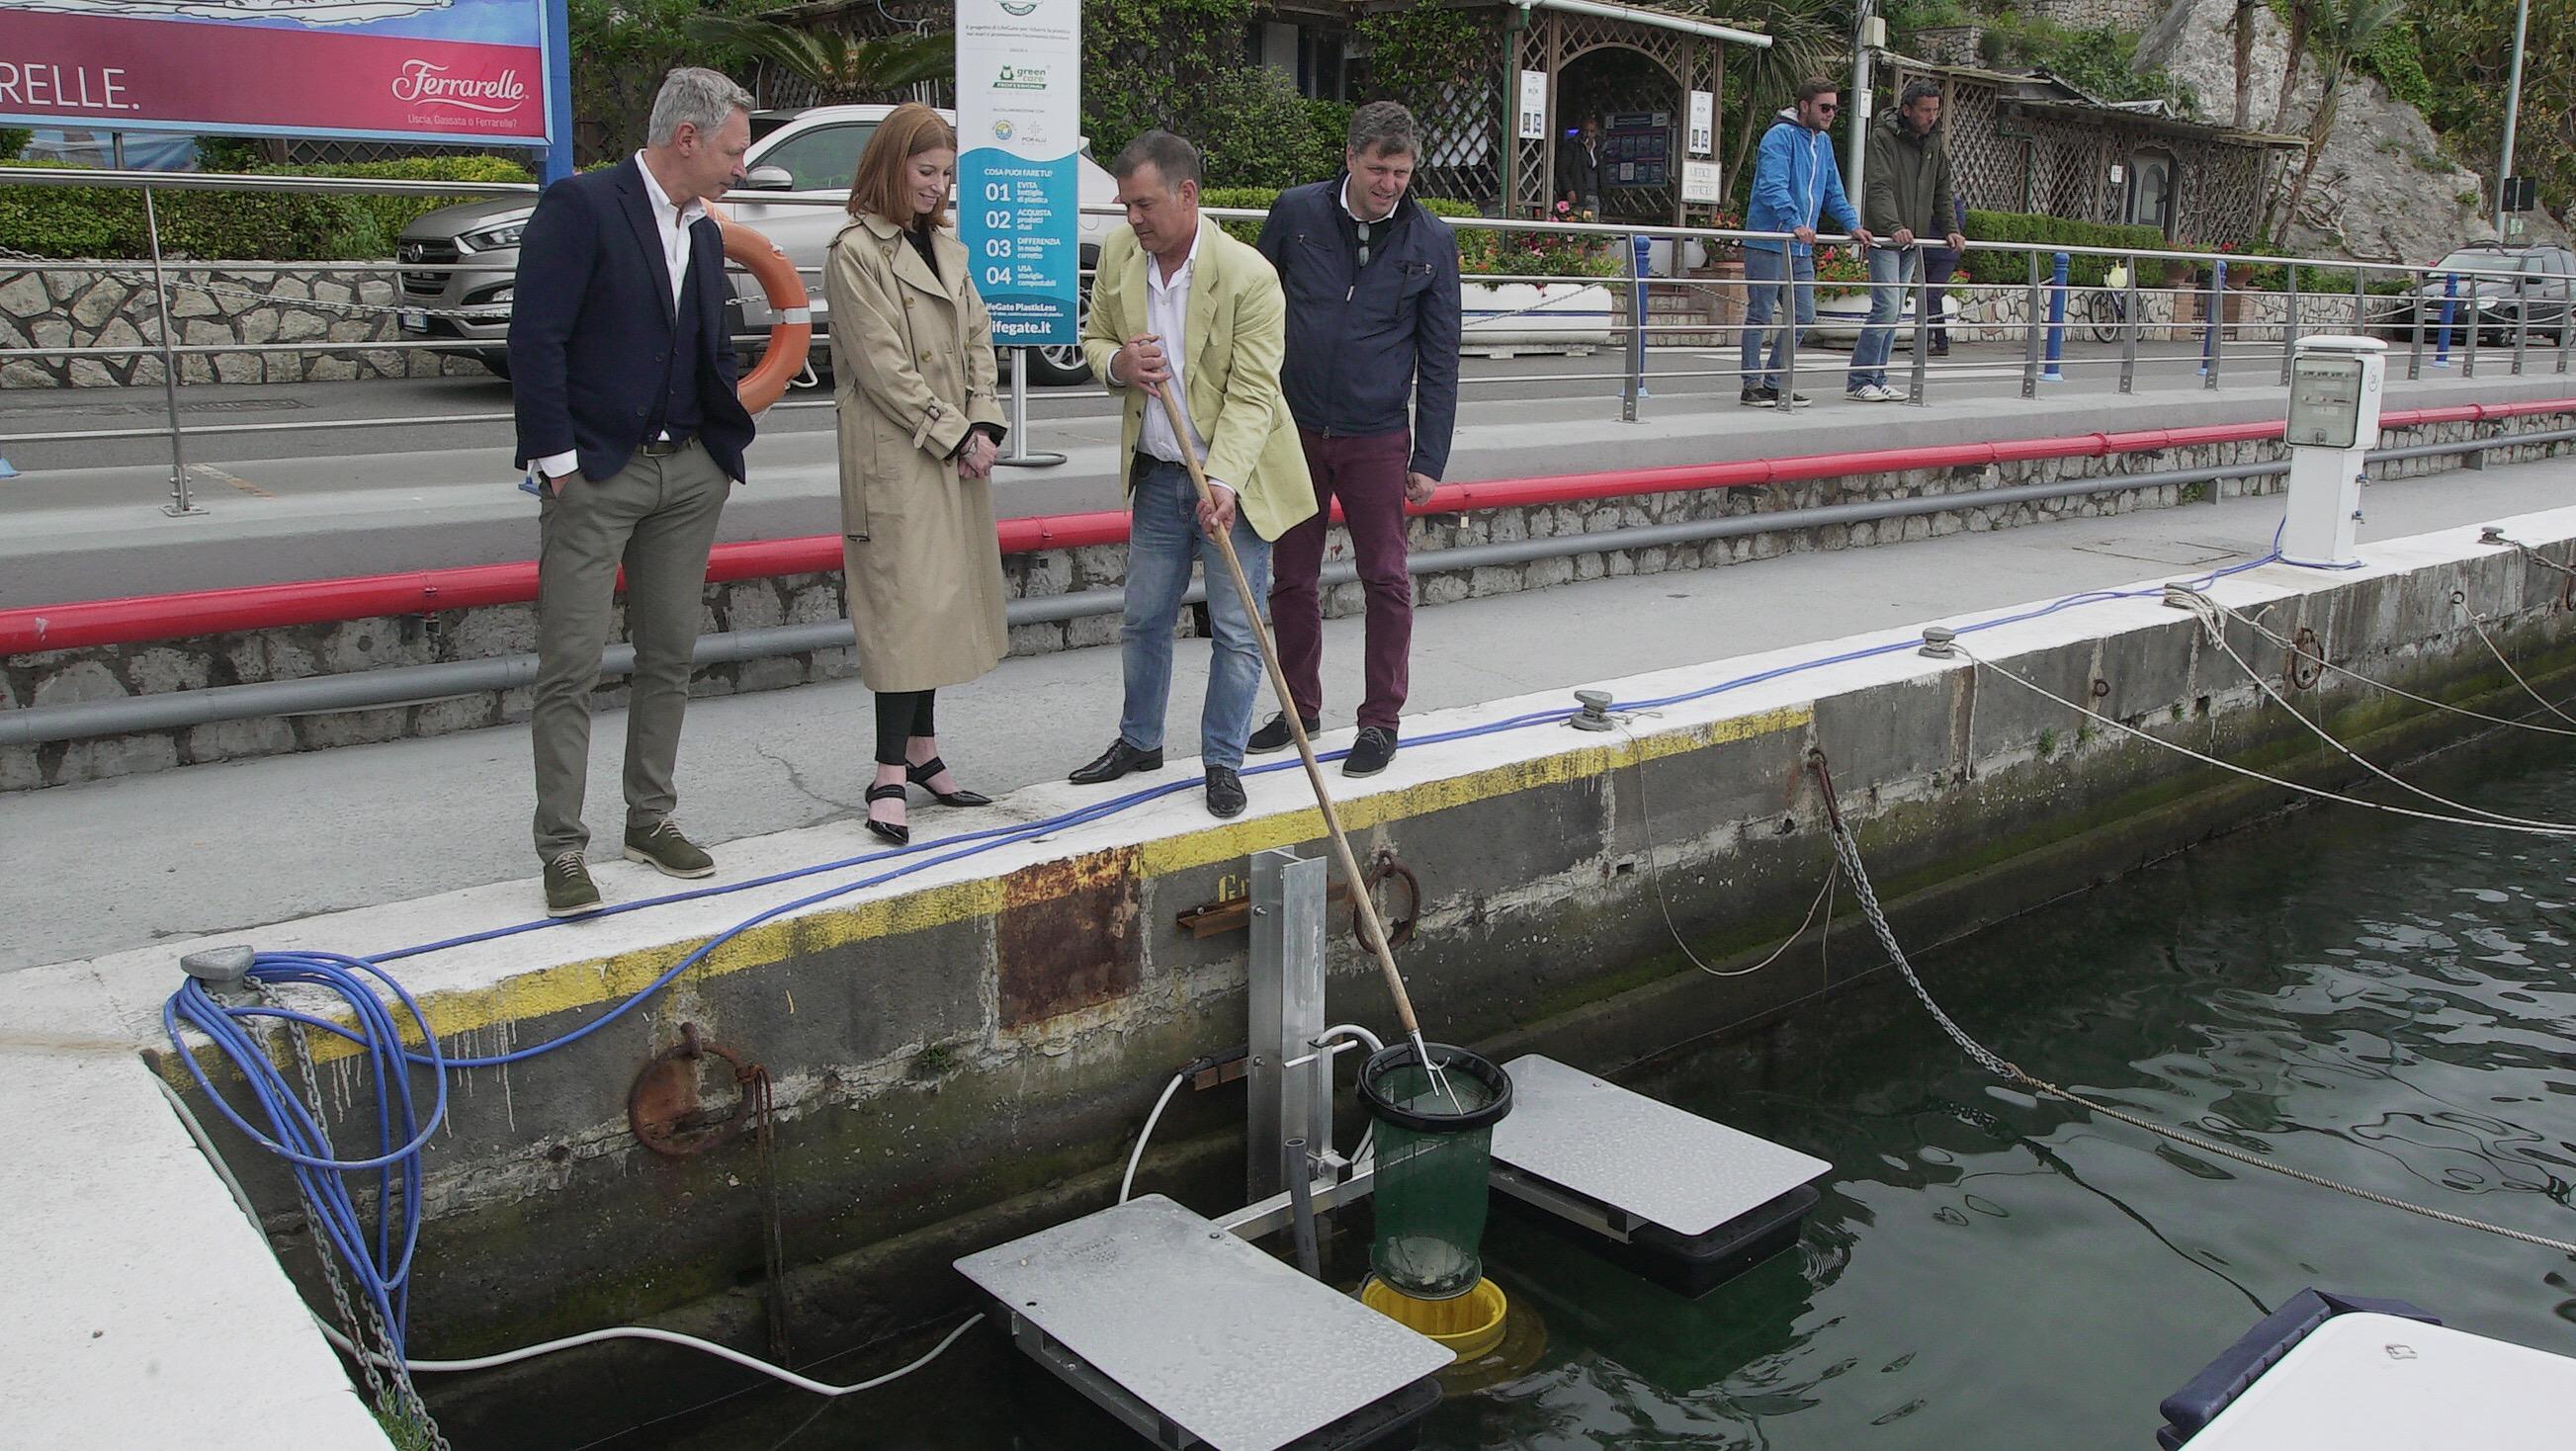 Capri aderisce alla sfida per ridurre le plastiche nei mari italiani con l'installazione del sistema LifeGate PlasticLess®: